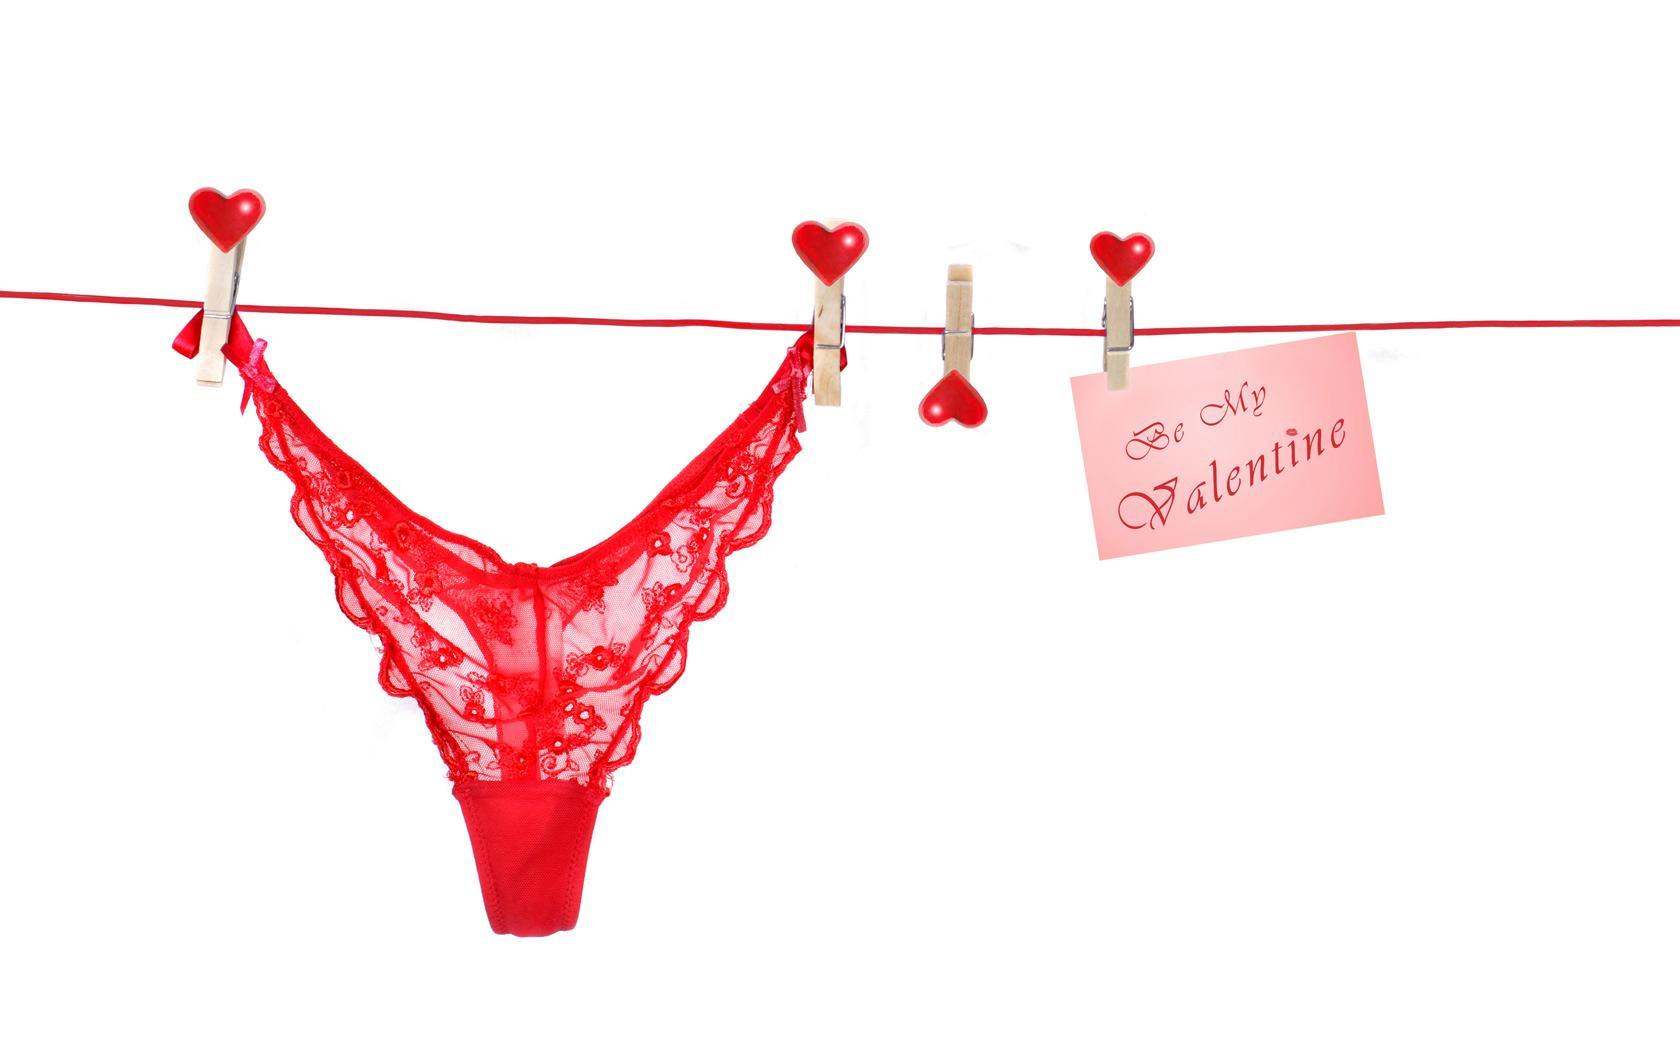 Открытки для любимой девушки с признаниями в любви